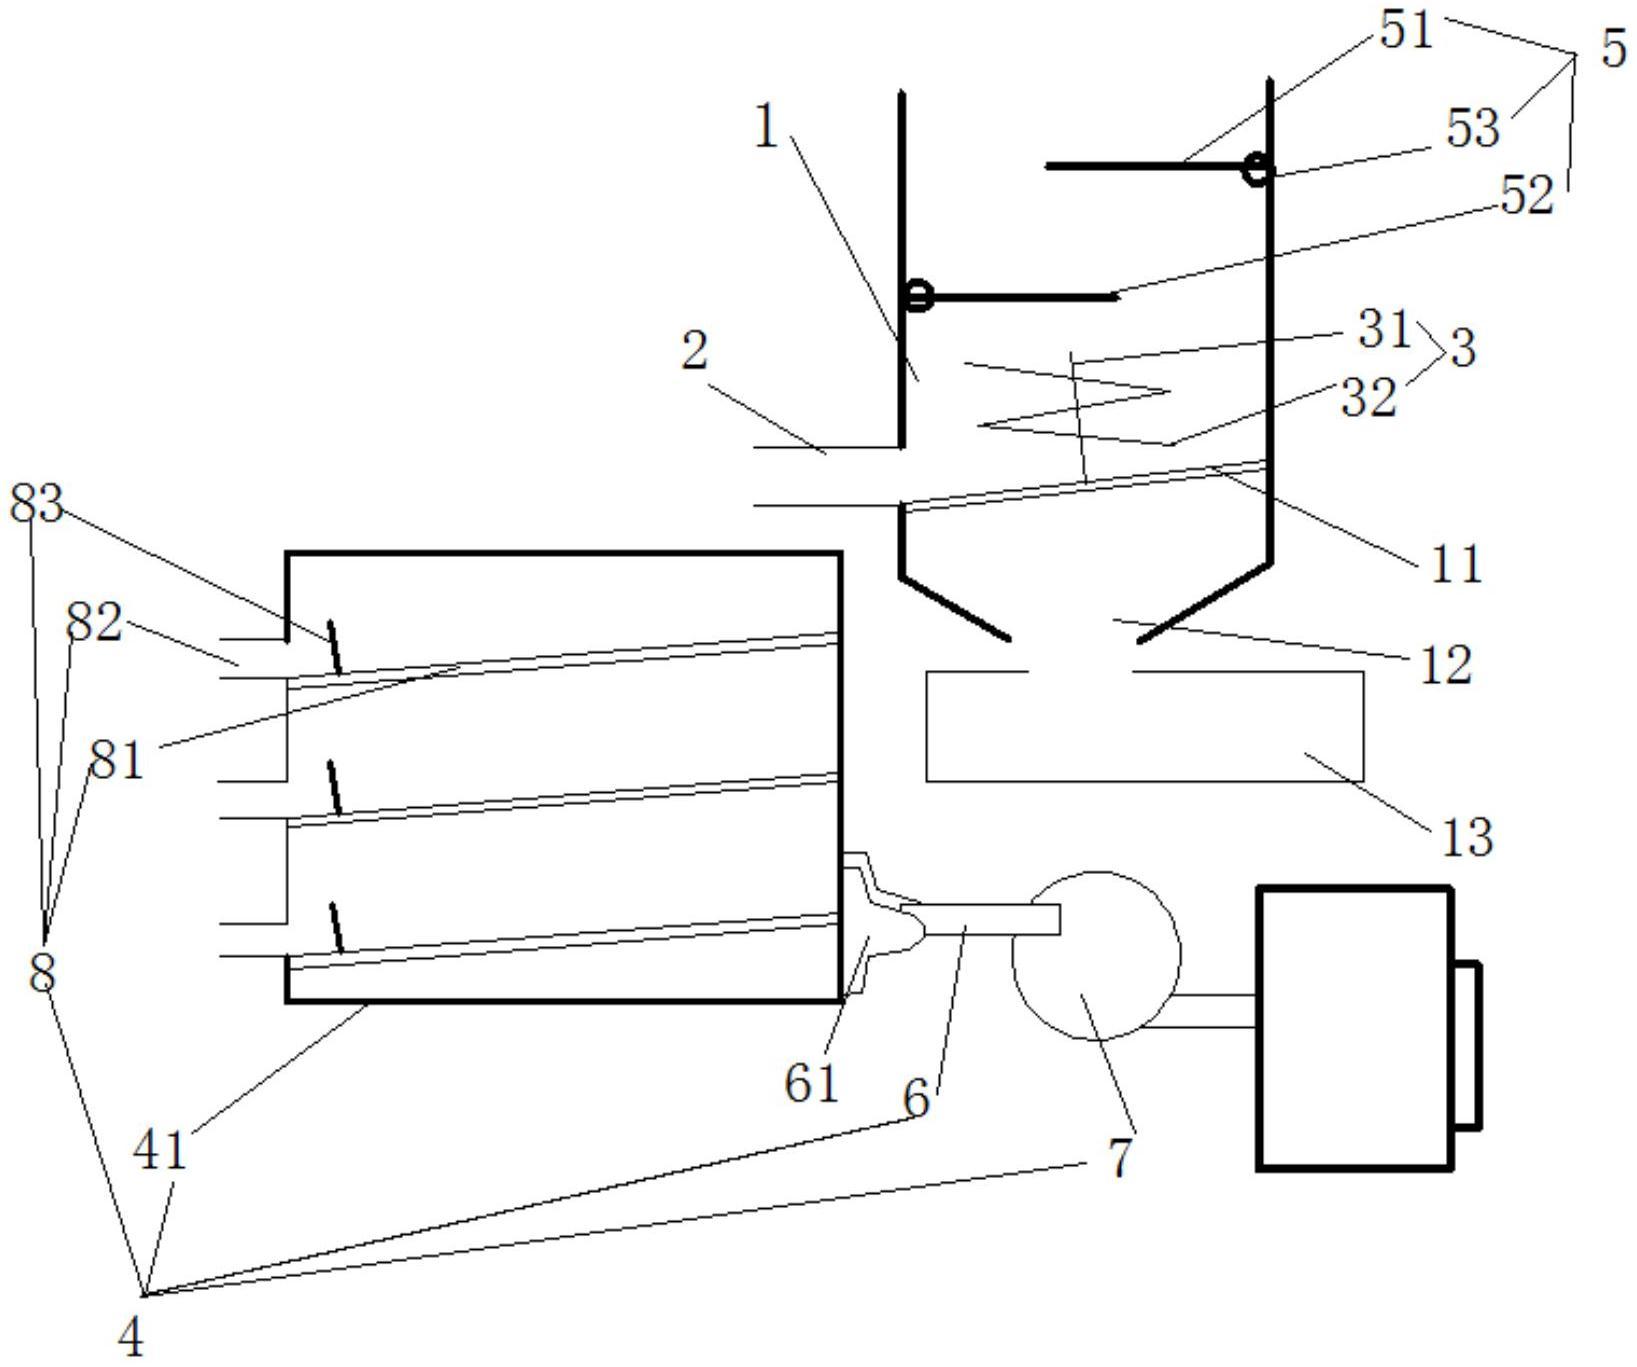 一种适用于豌豆采收品级筛选的自动分选装置